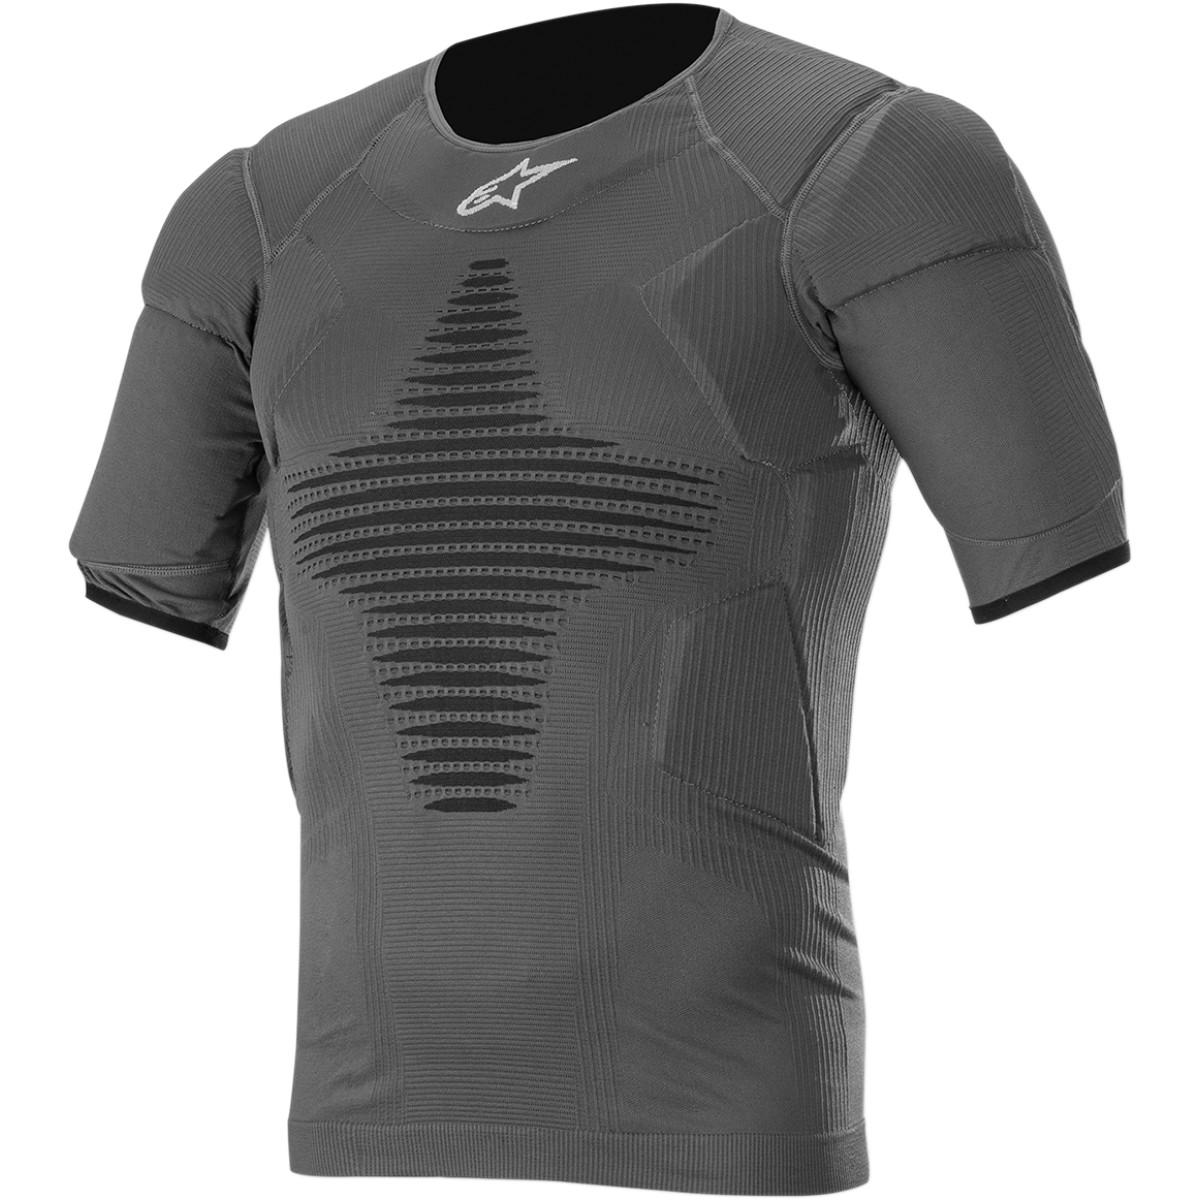 Alpinestars A-O Roost T-shirt